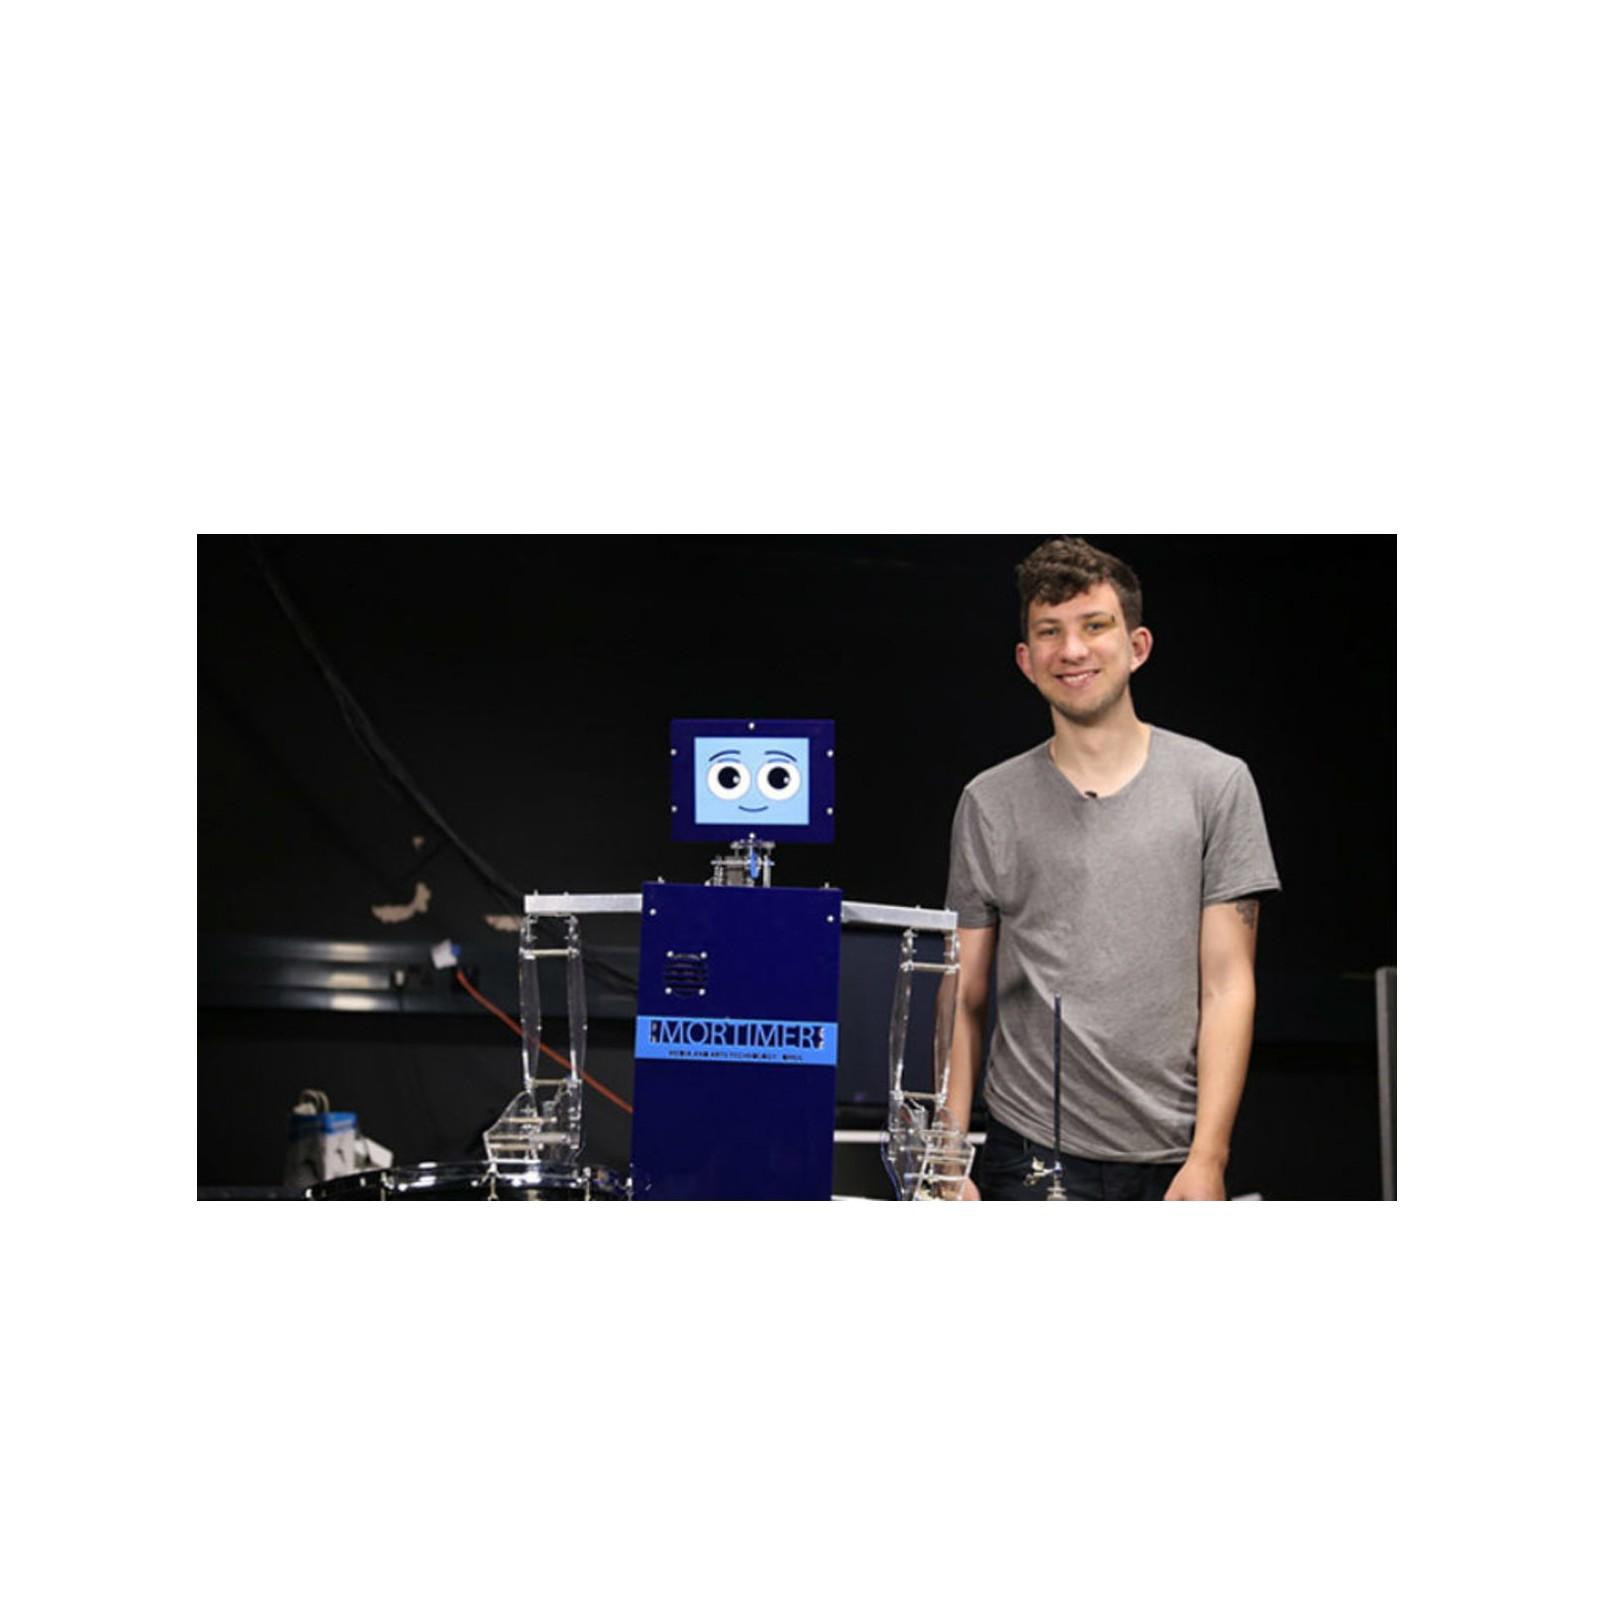 mortimer robot